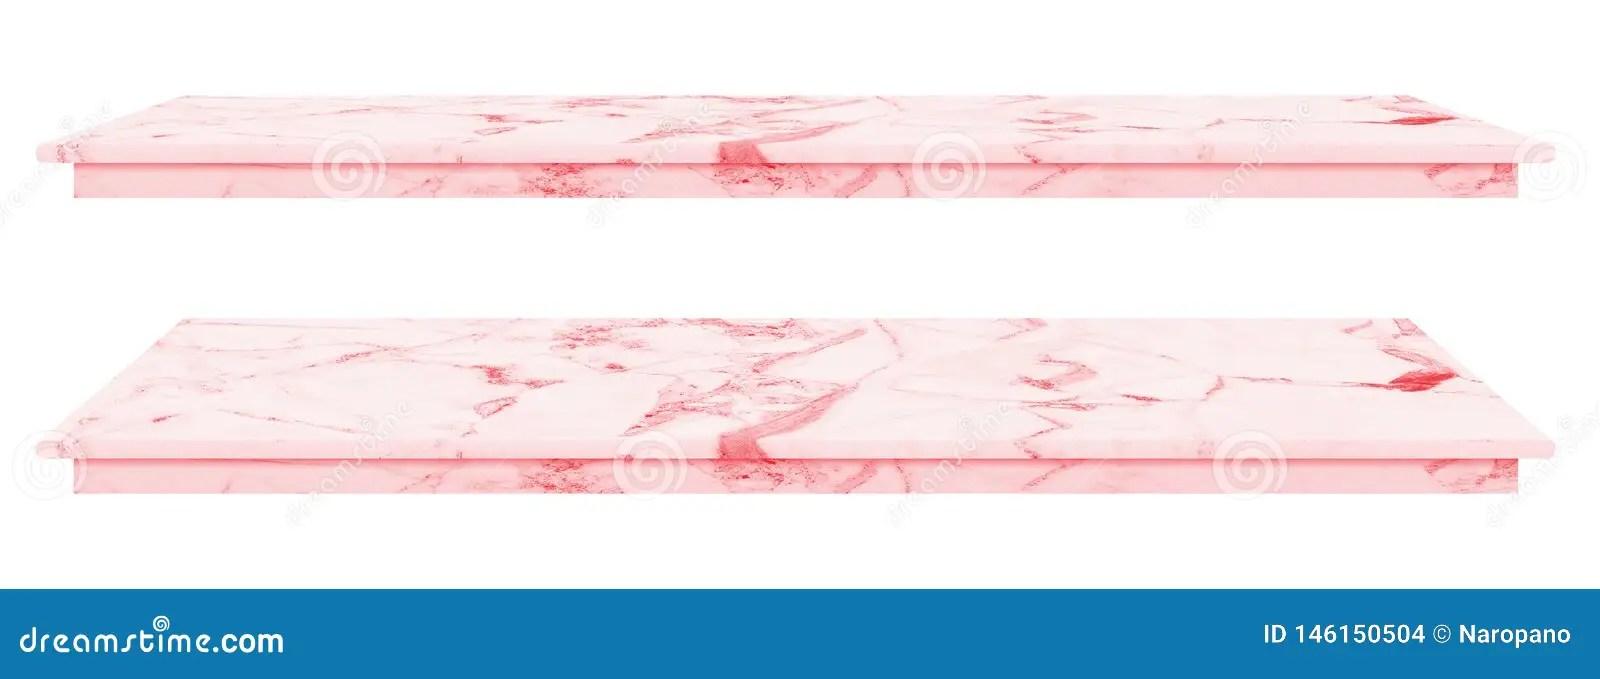 https fr dreamstime com table marbre surface rose plan travail dalle en pierre des produits d affichage isolement fond blanc ont chemin image146150504